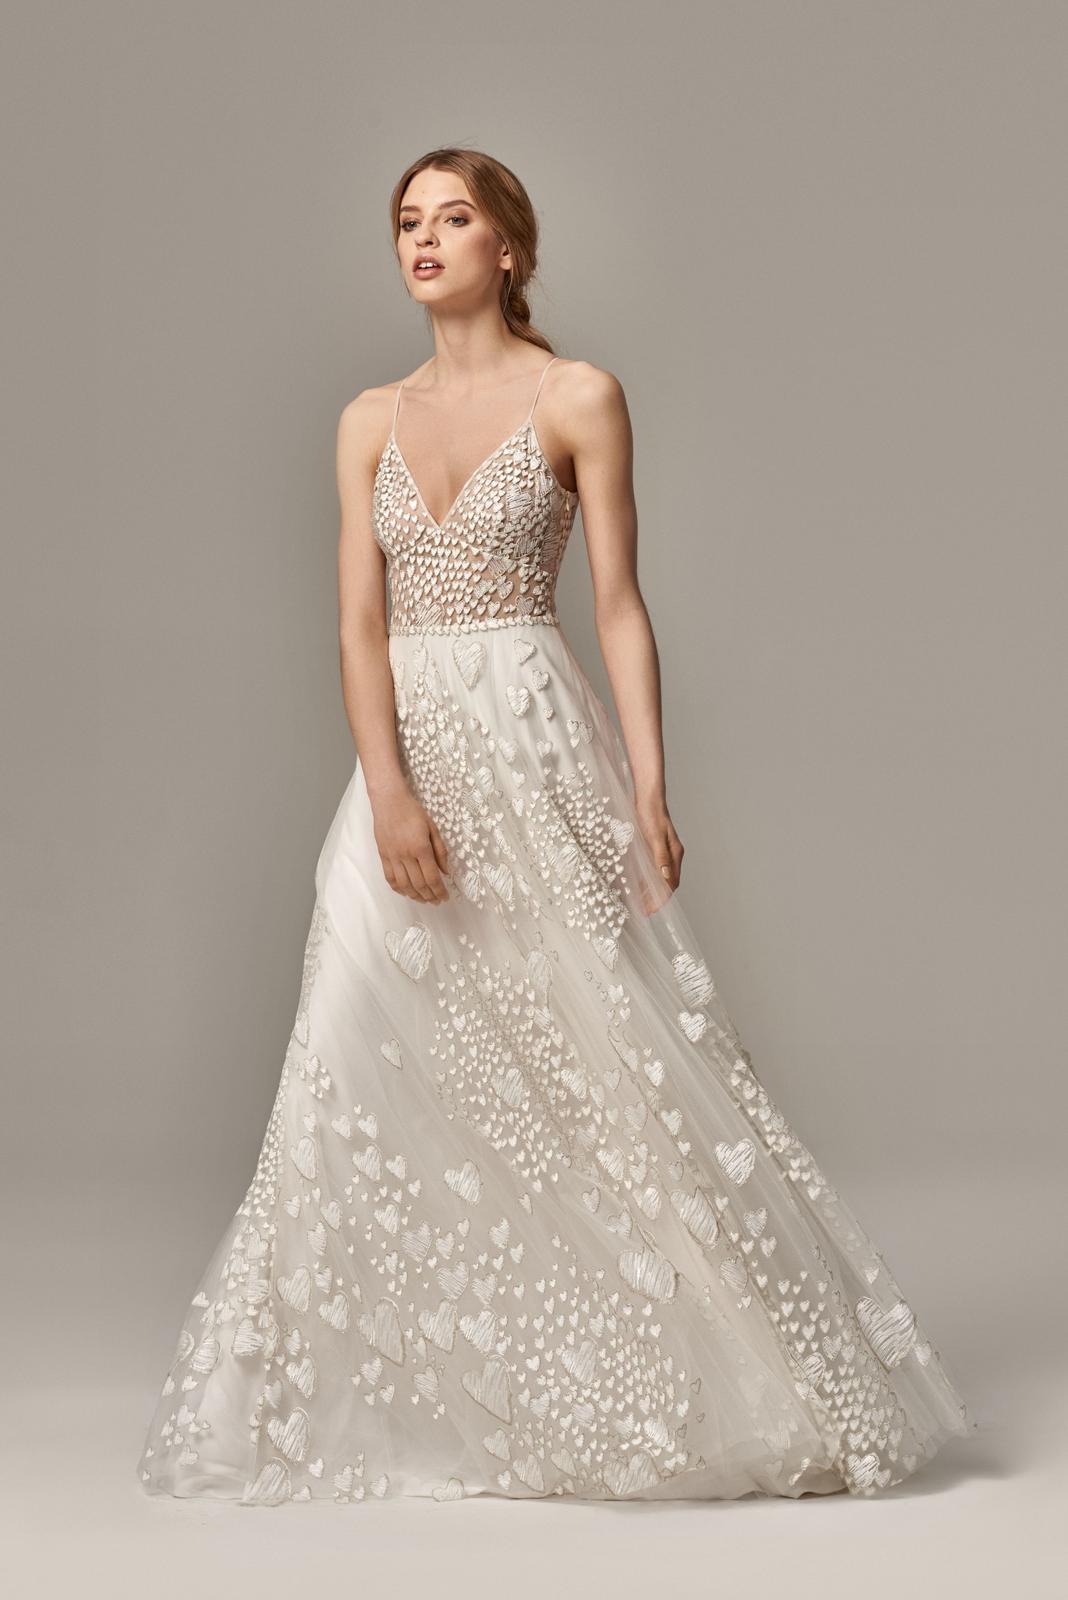 Anna Kara * Svadobné šaty z kolekcií na rok 2019 - Obrázok č. 1